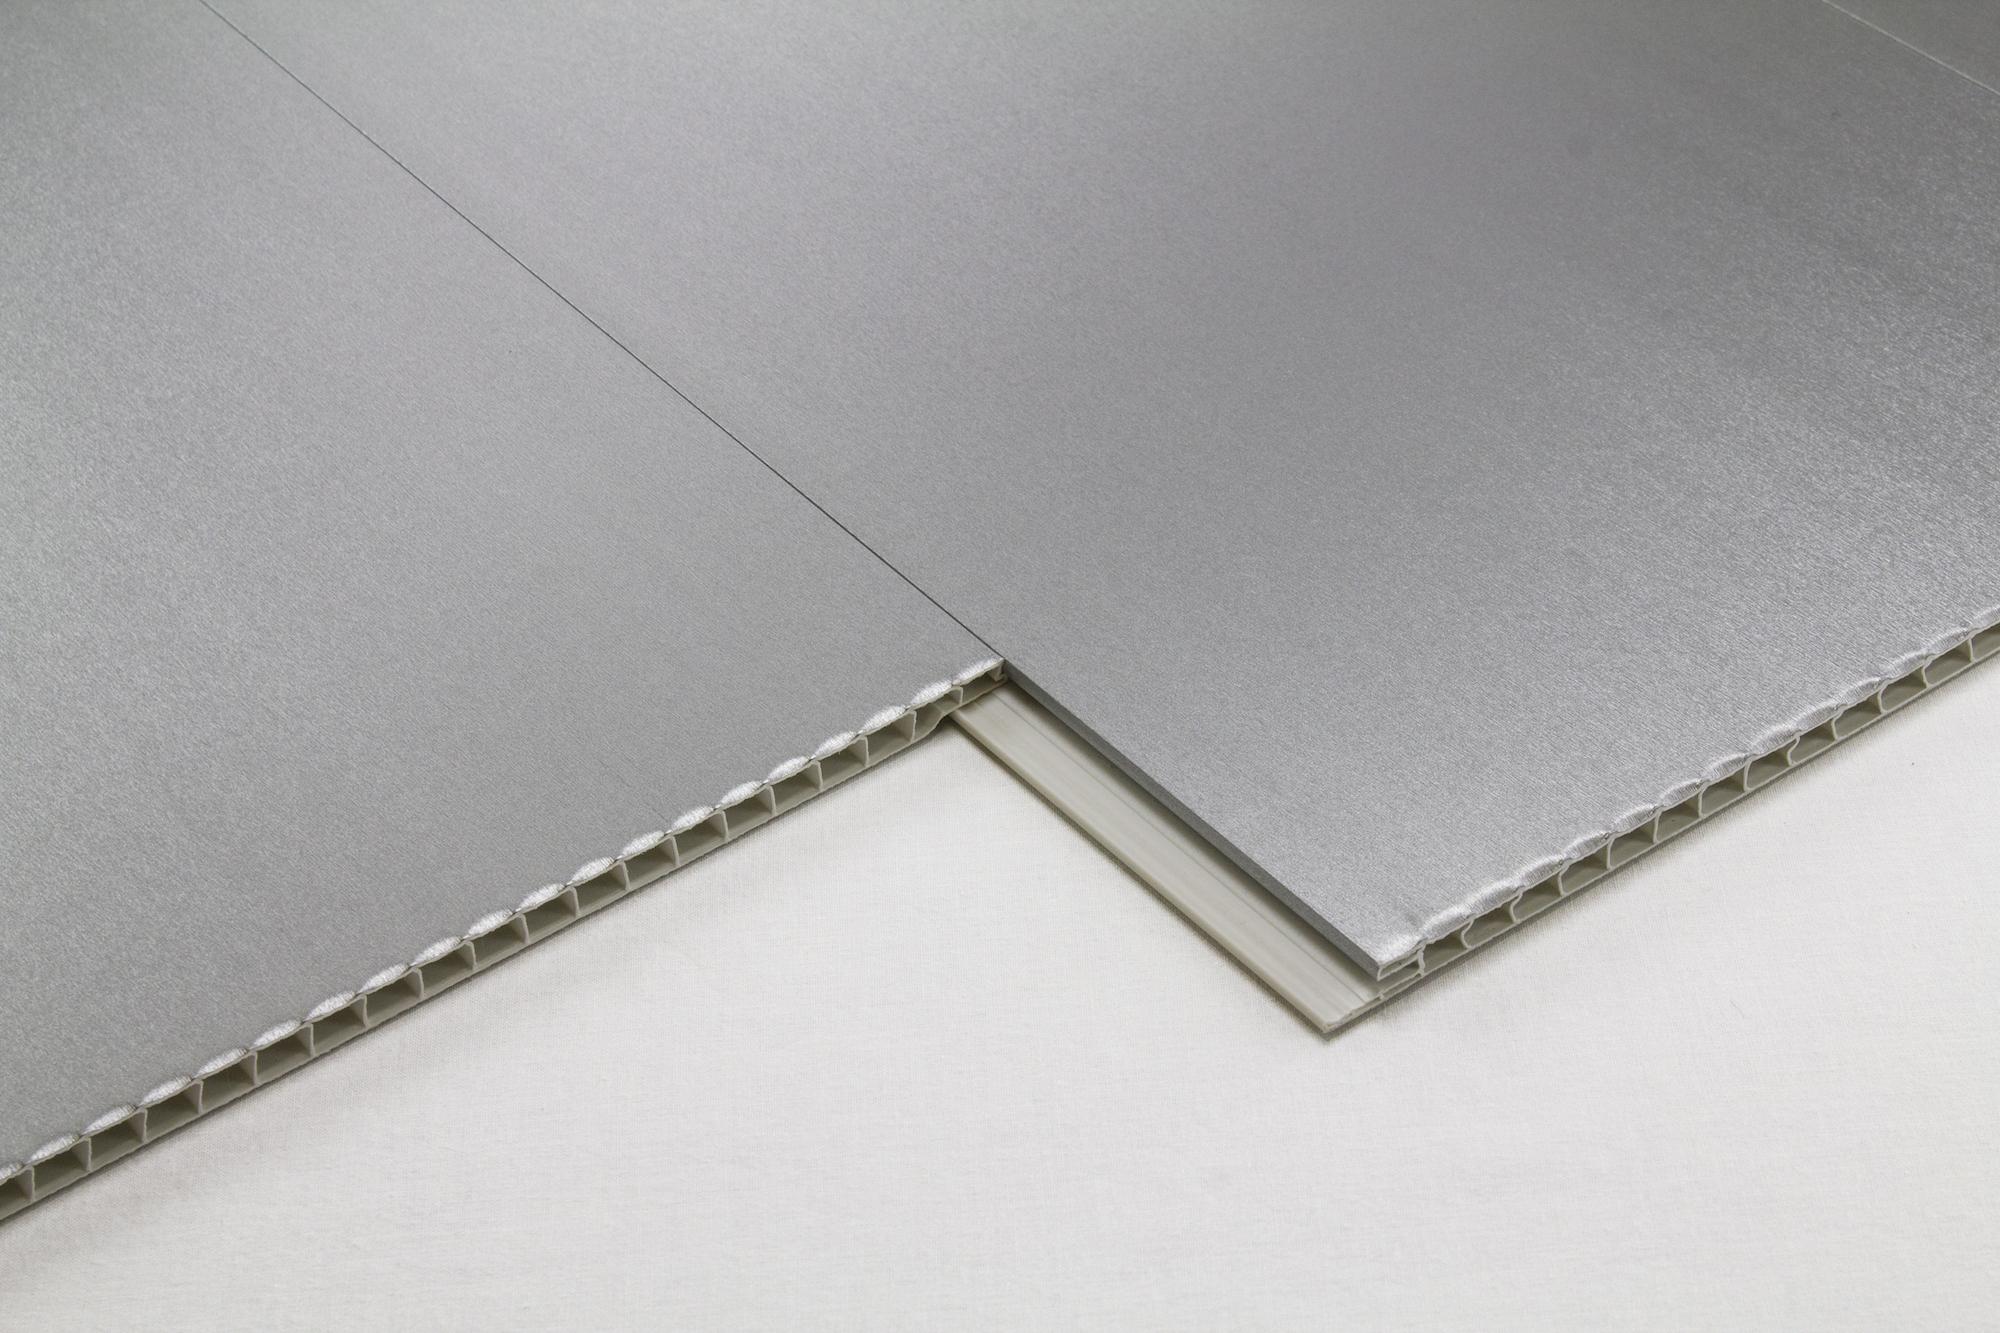 1 m2 pvc panneau plaques tanche int rieur plafond mur v tements 200x25 98 08 ebay. Black Bedroom Furniture Sets. Home Design Ideas